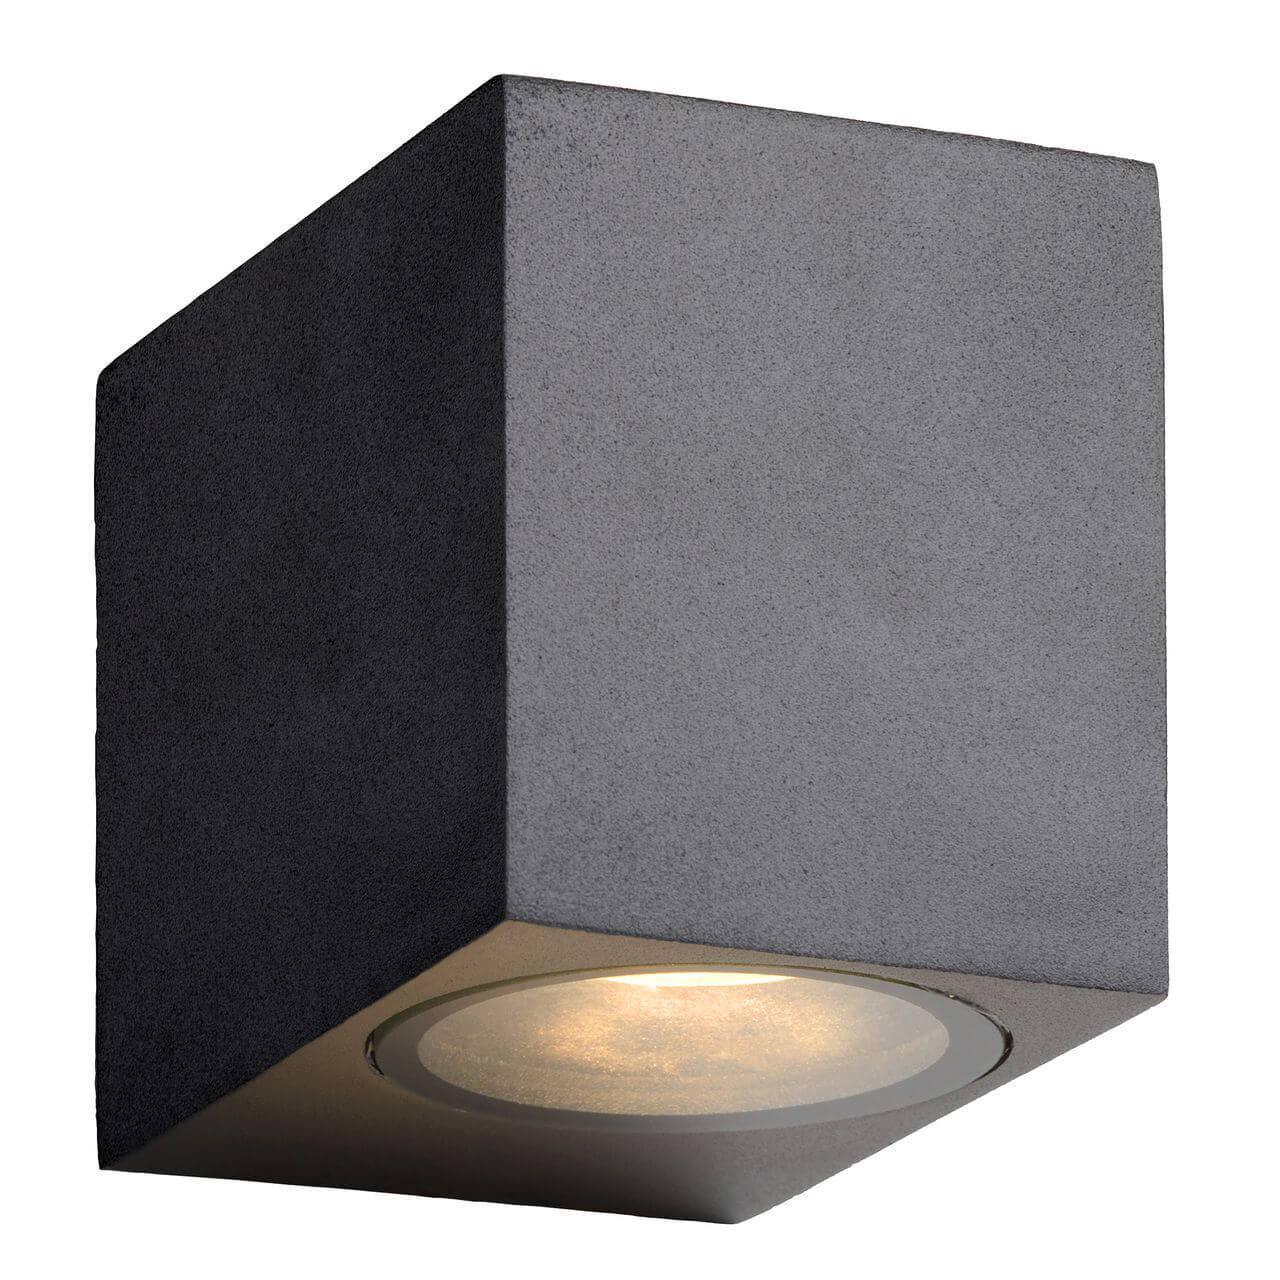 Уличный светильник Lucide 22860/05/30, GU10 недорого